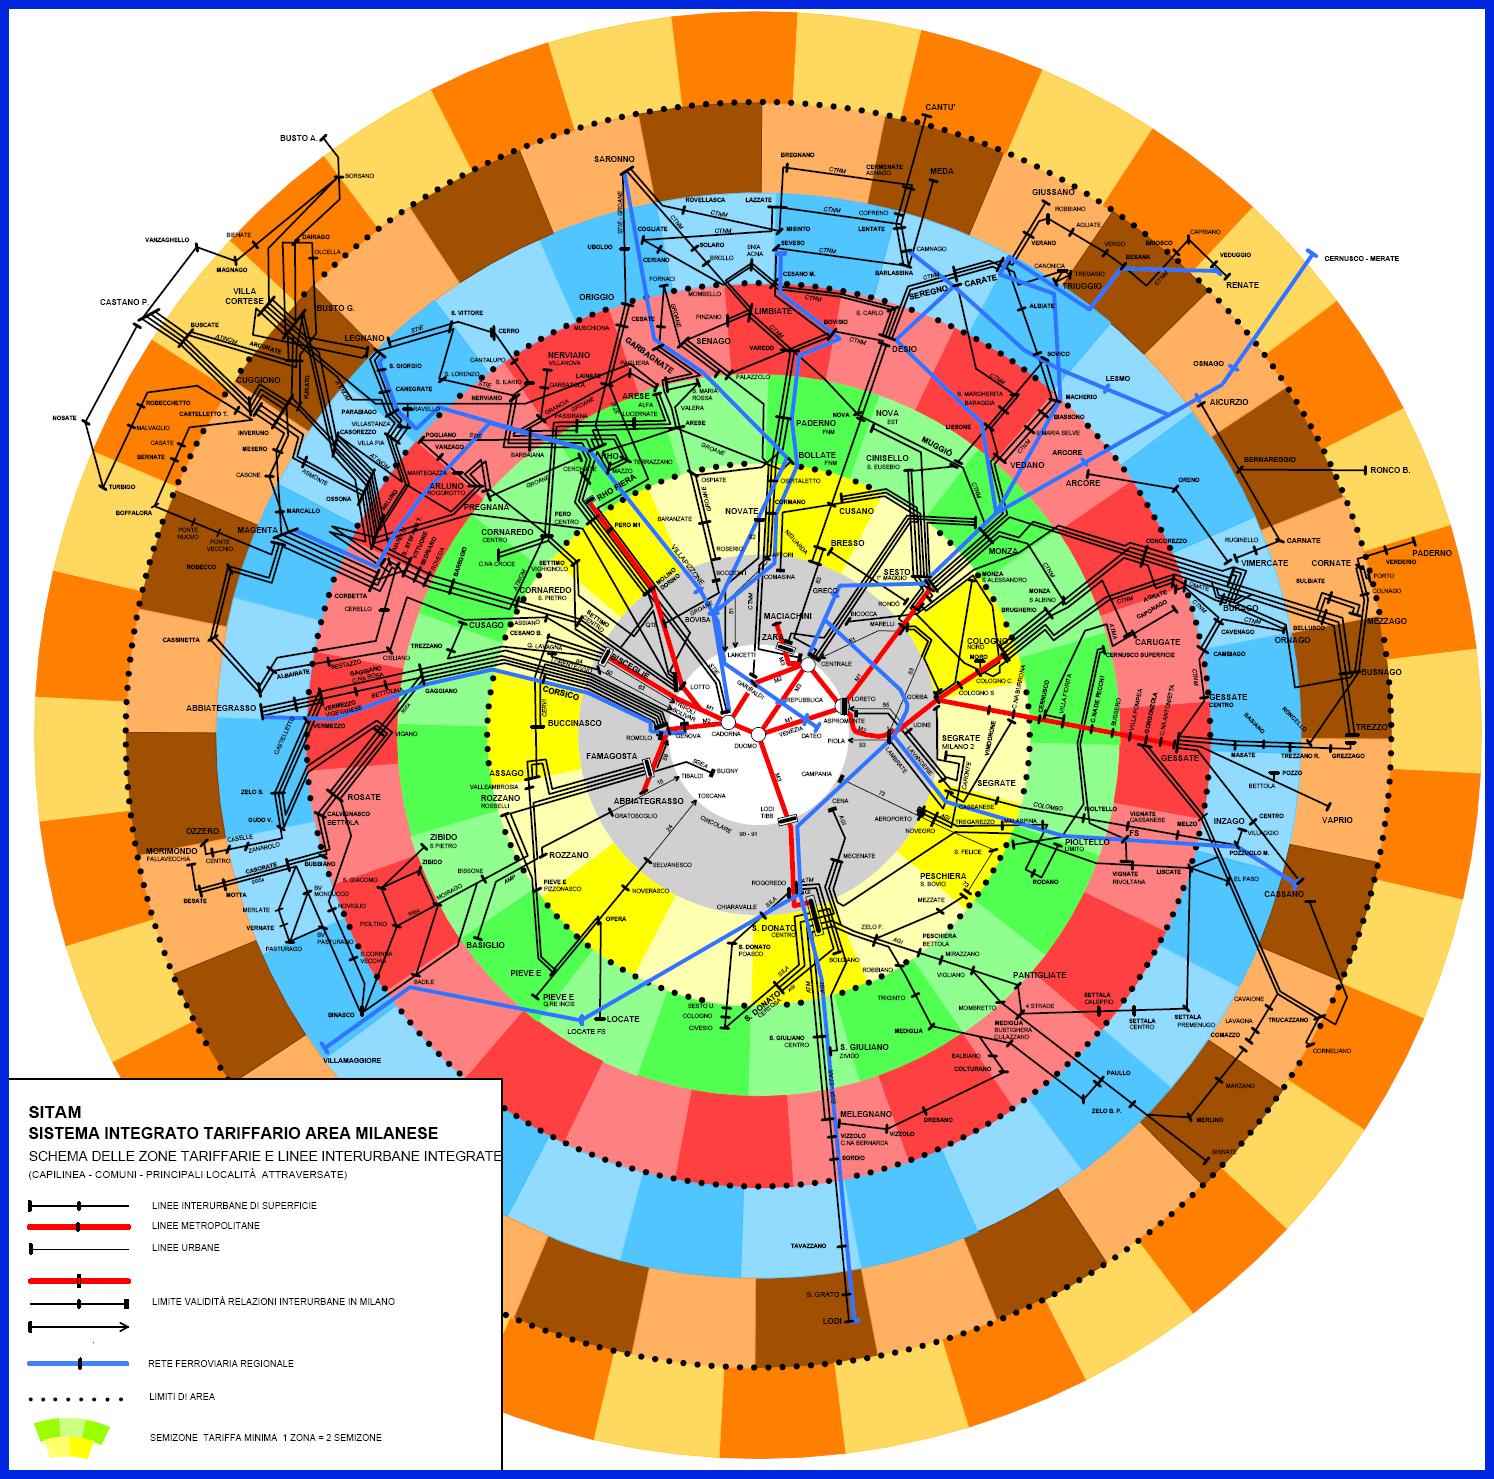 Милан_транспорт_схема тарифных зон